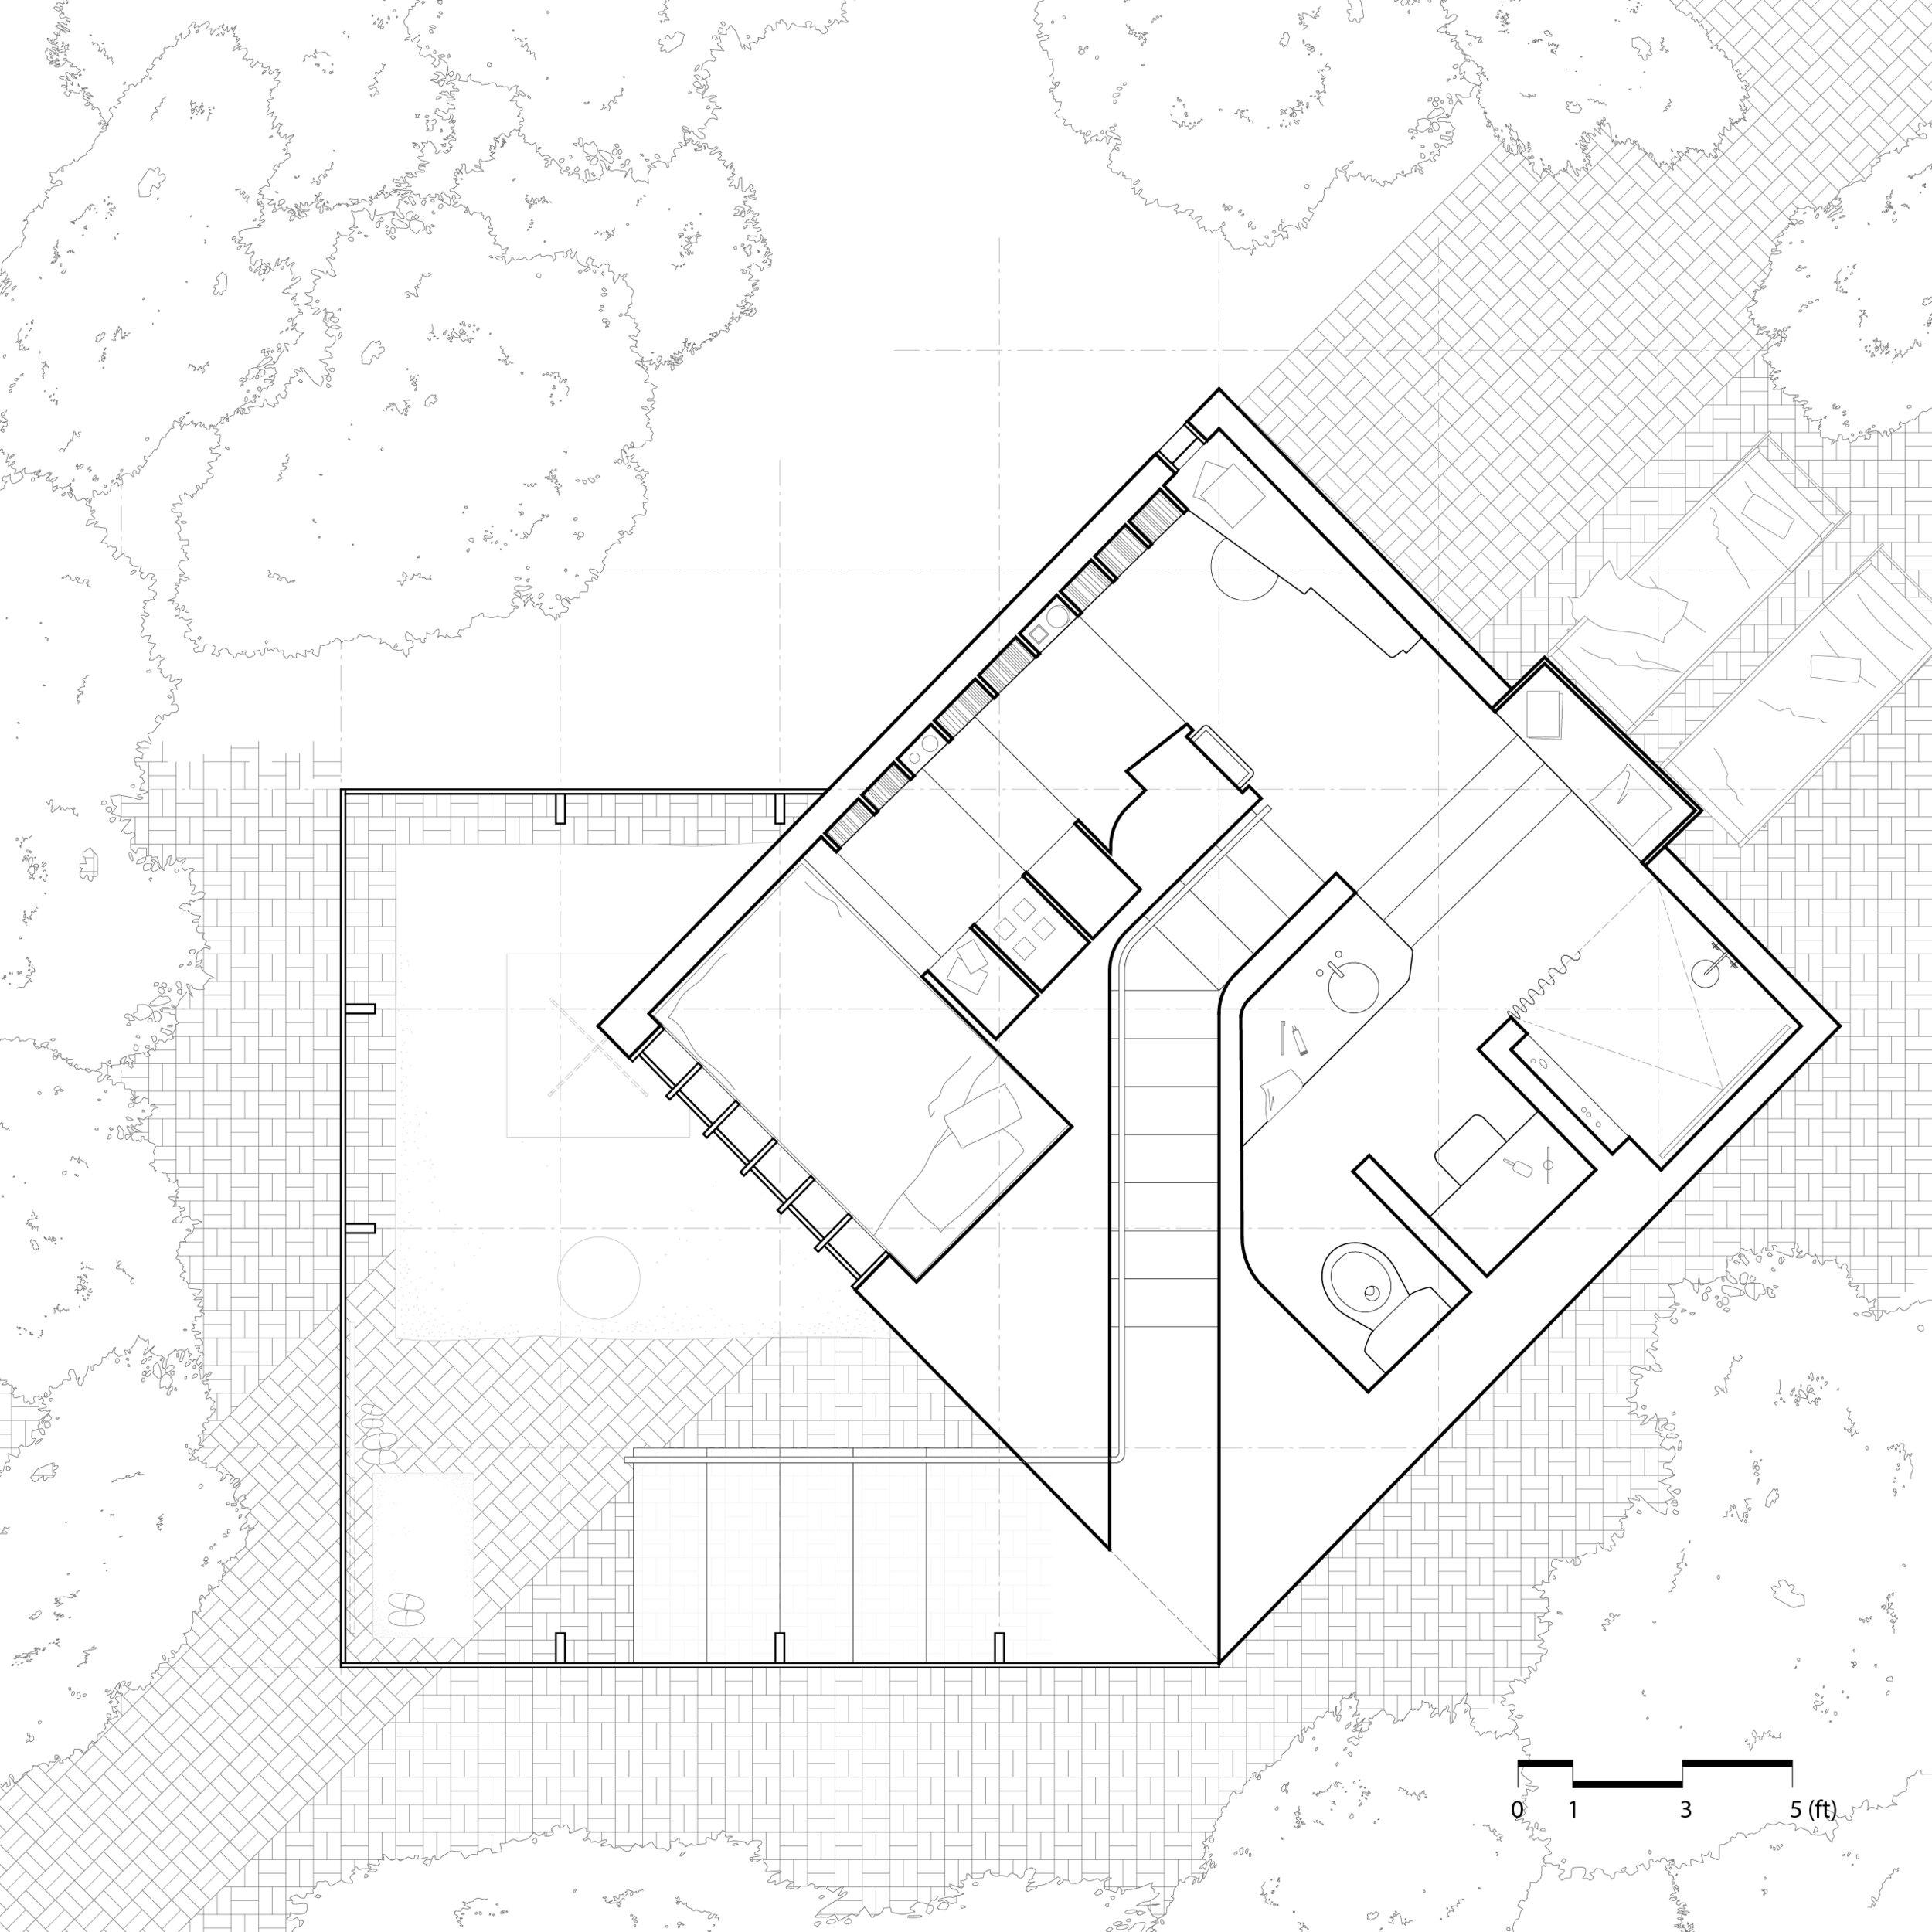 StudioAmes_Ecetra_Plan_L2 (1'=1-4-).jpg